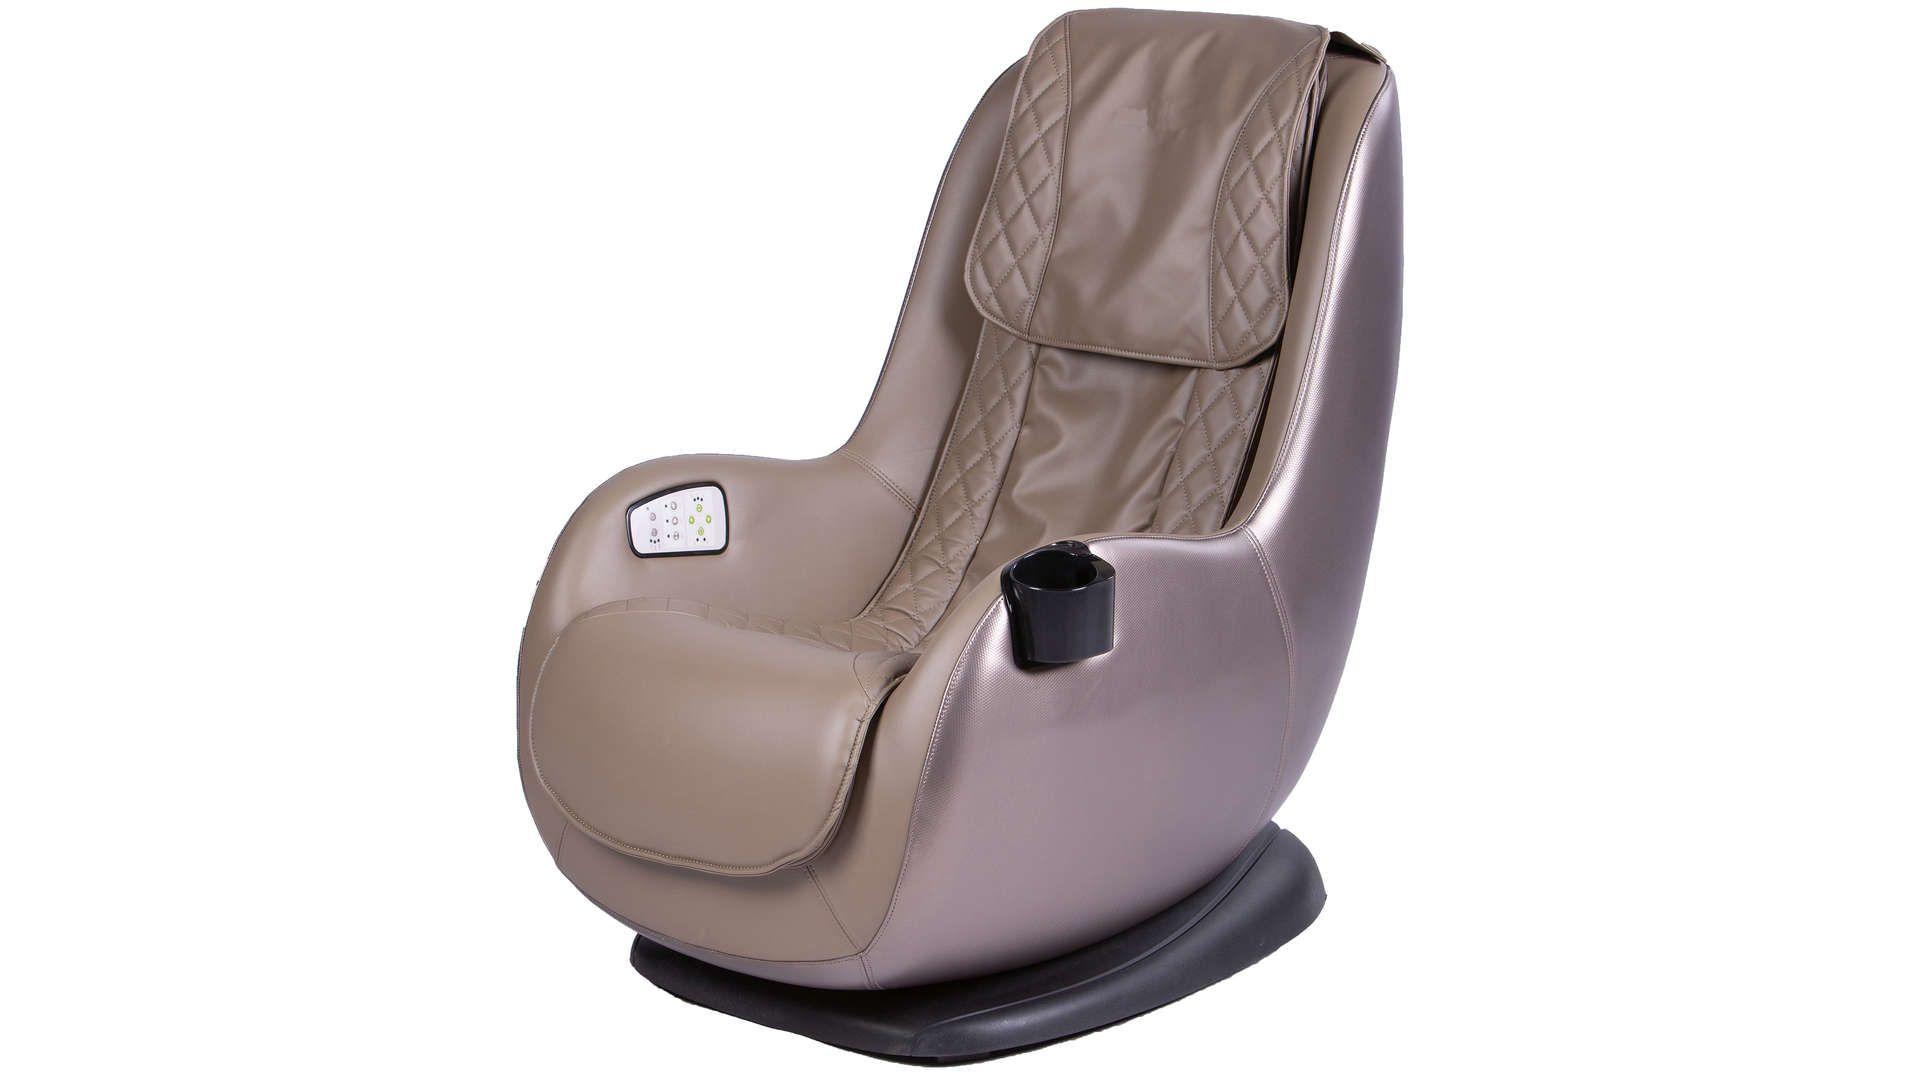 Fauteuil Massant Electrique Et De Relaxation Massage Coloris Beige Marron En 2020 Fauteuil Massant Fauteuil Et Relax